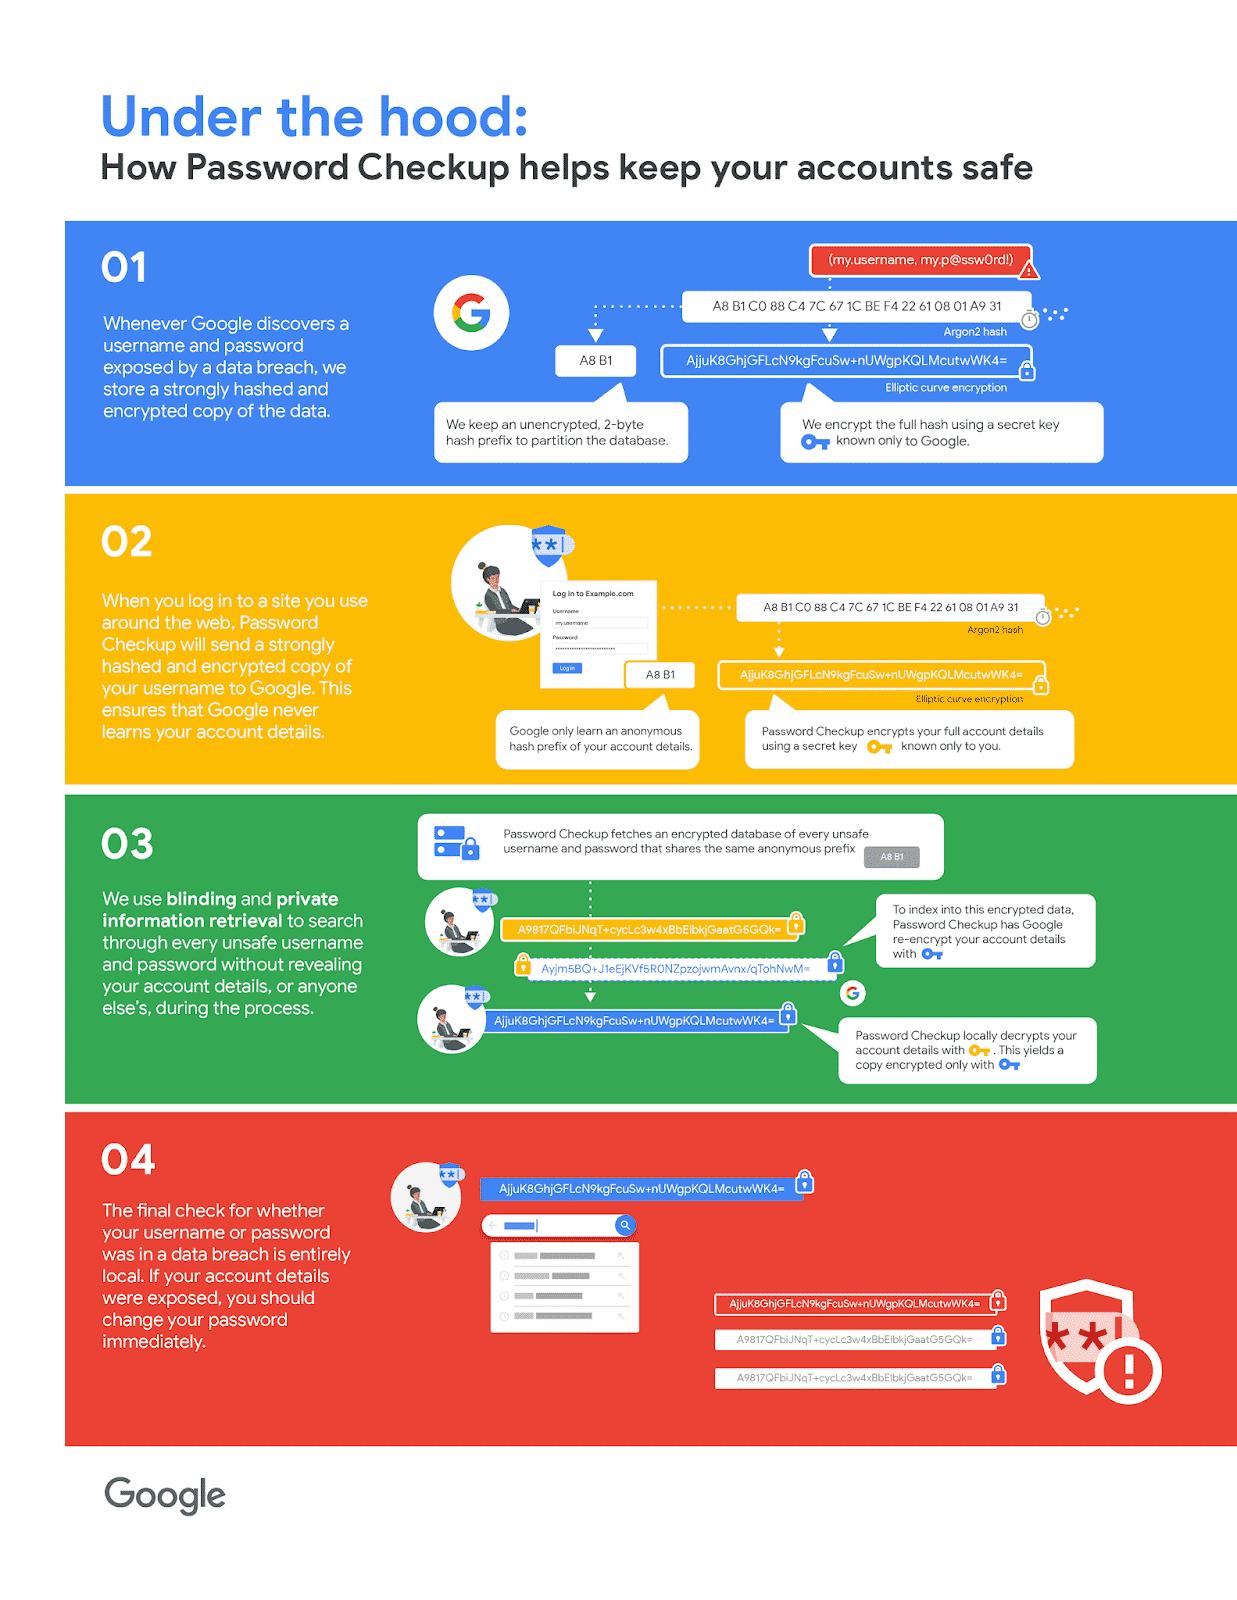 Google verspricht beim Umgang mit Zugangsdaten eine hohe Sicherheit. Das sollen verschiedene kryptografische Verfahren garantieren.